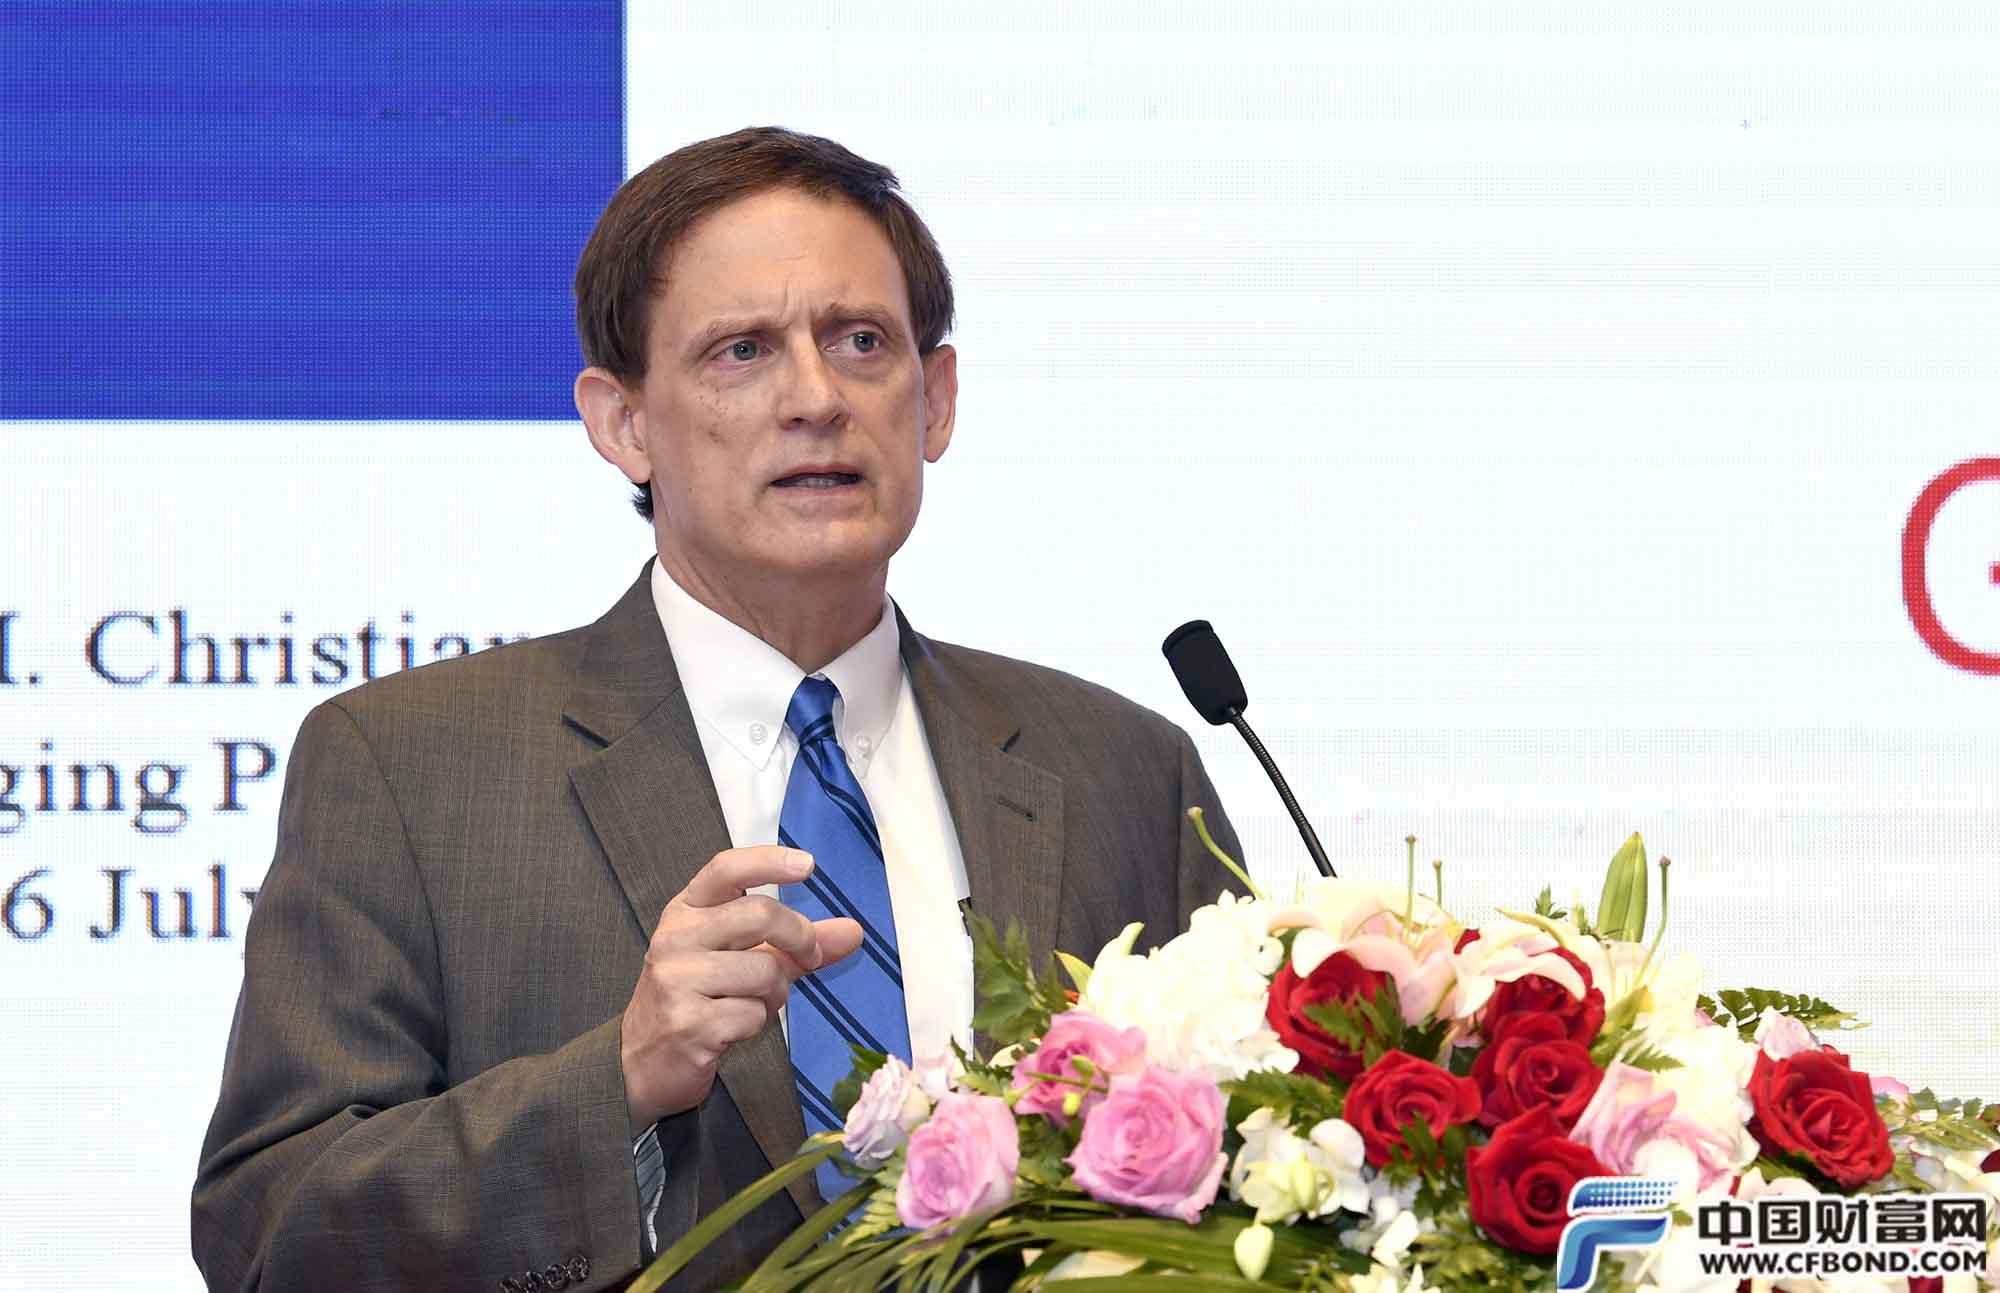 CPM集团总裁杰弗瑞发言